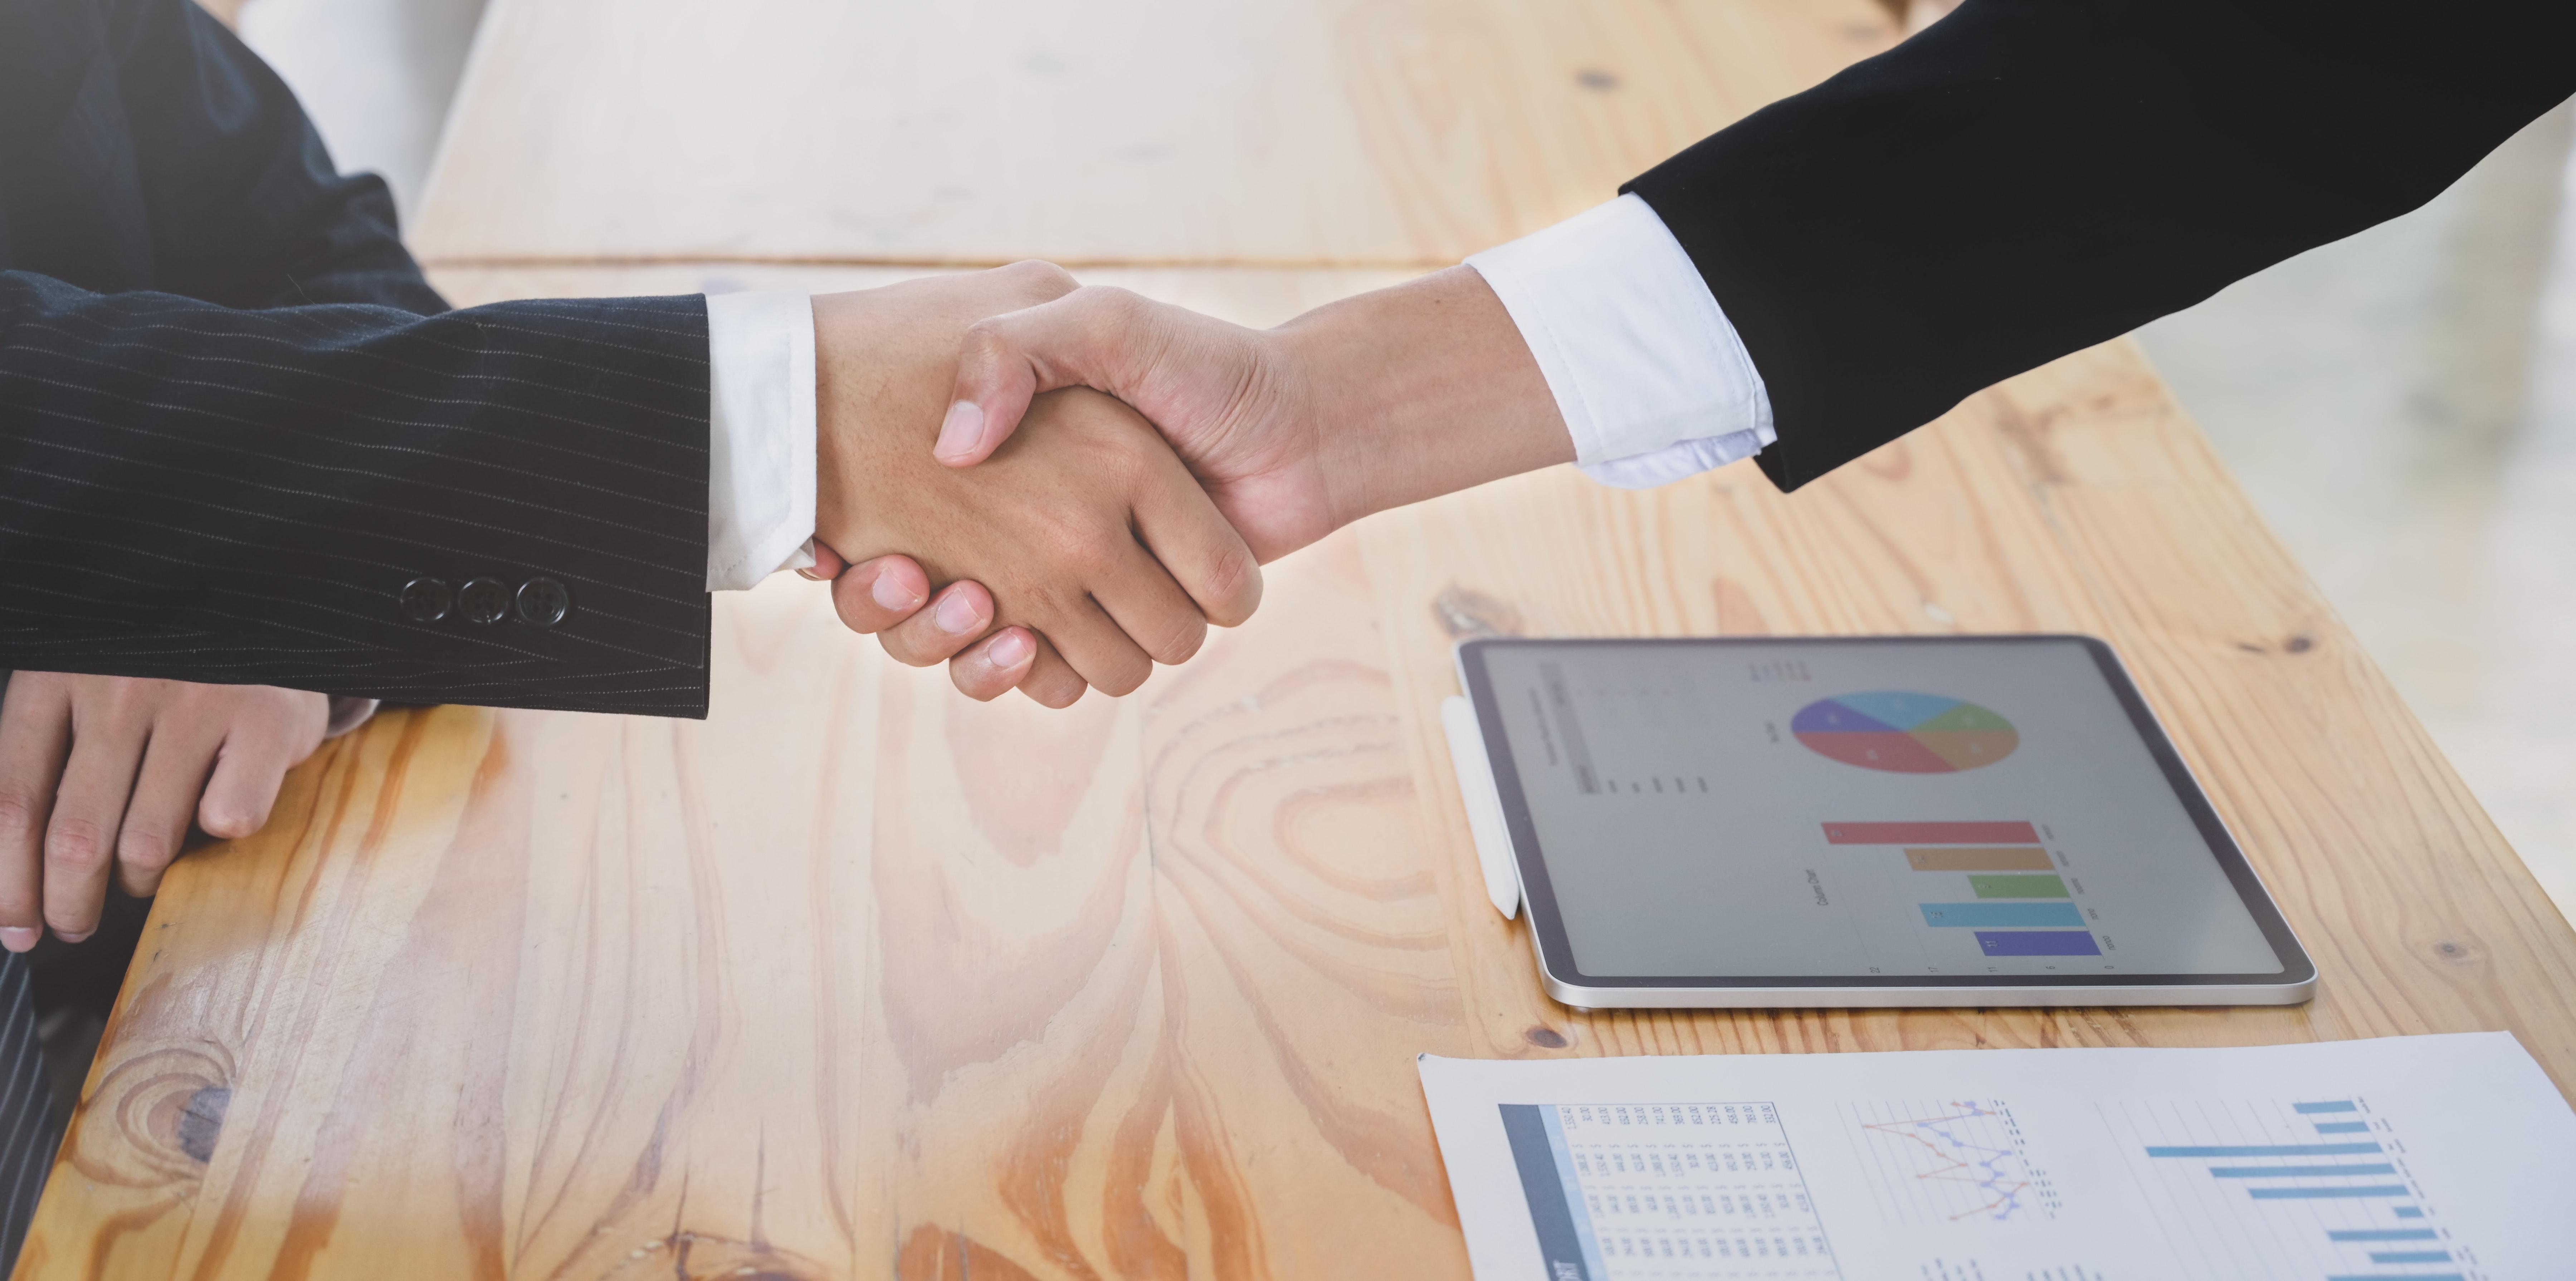 Consult Handshake